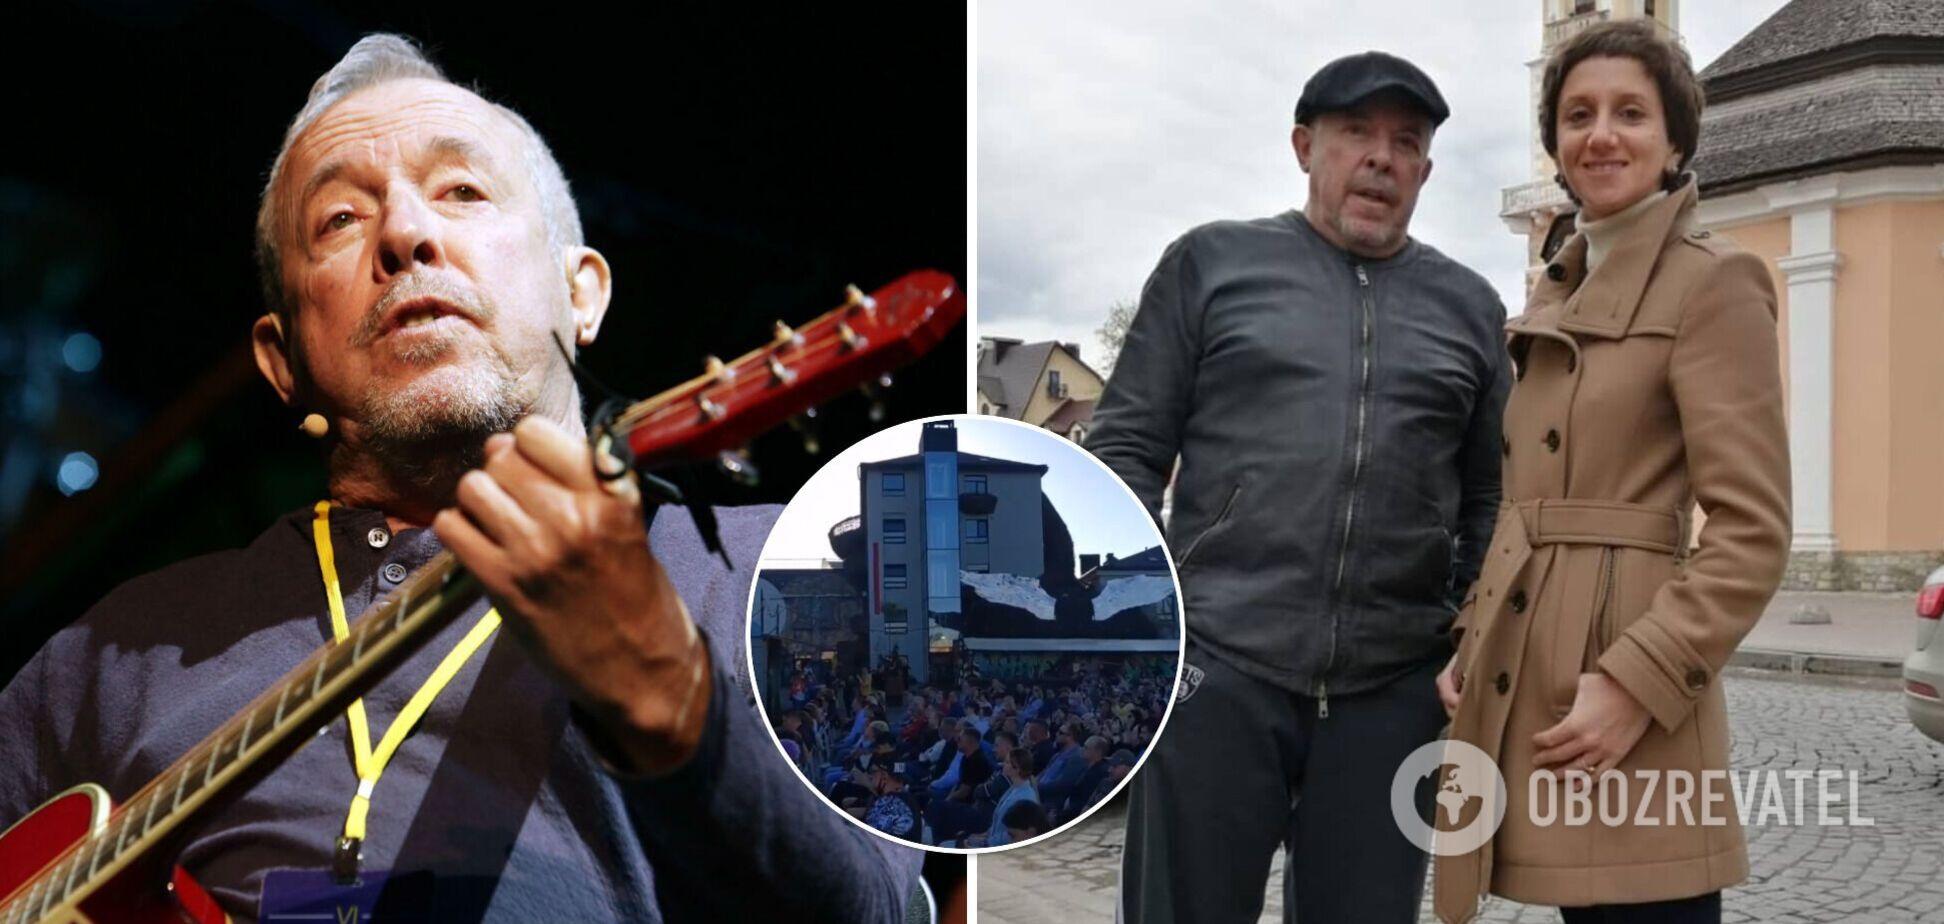 Макаревич виступив у Львові, зібравши аншлаг на концерті. Фото та відео